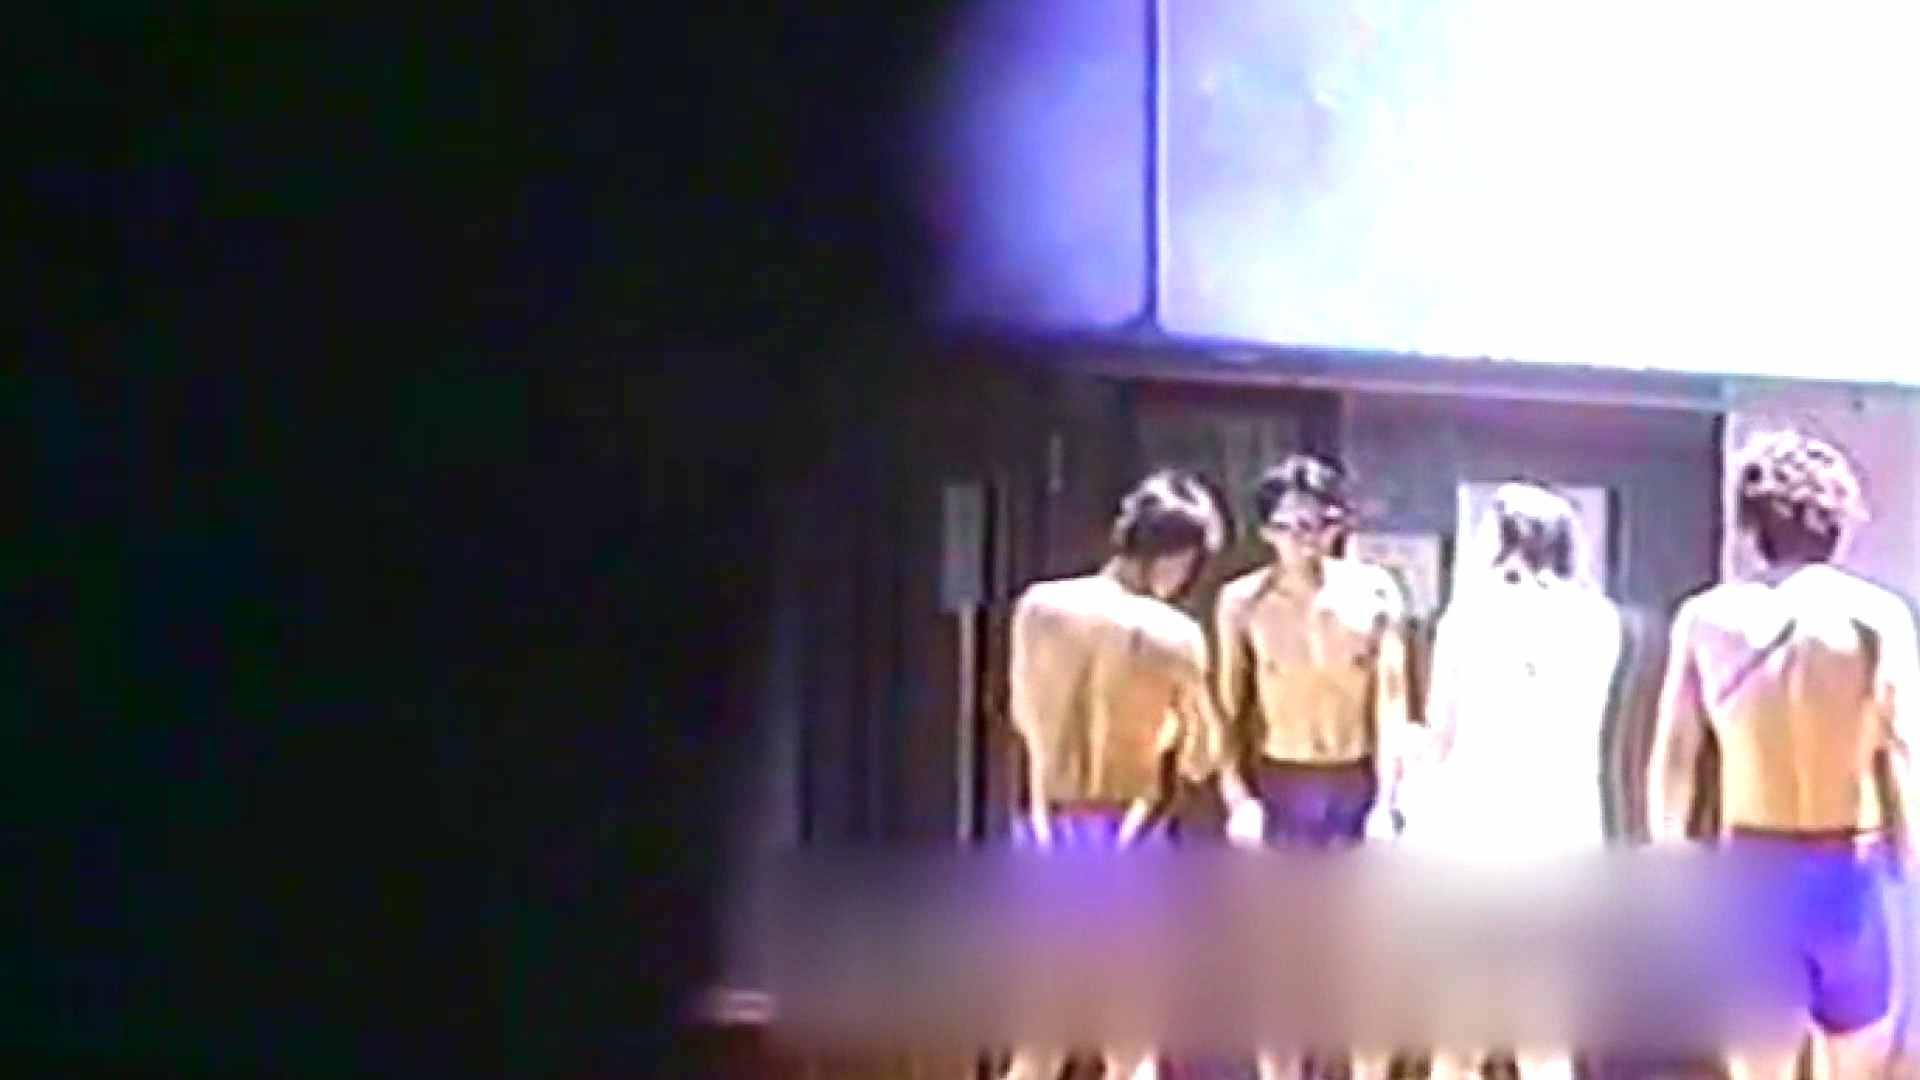 行くぜ!がっつり男風呂!Vol.05 裸 | 男天国  87pic 73